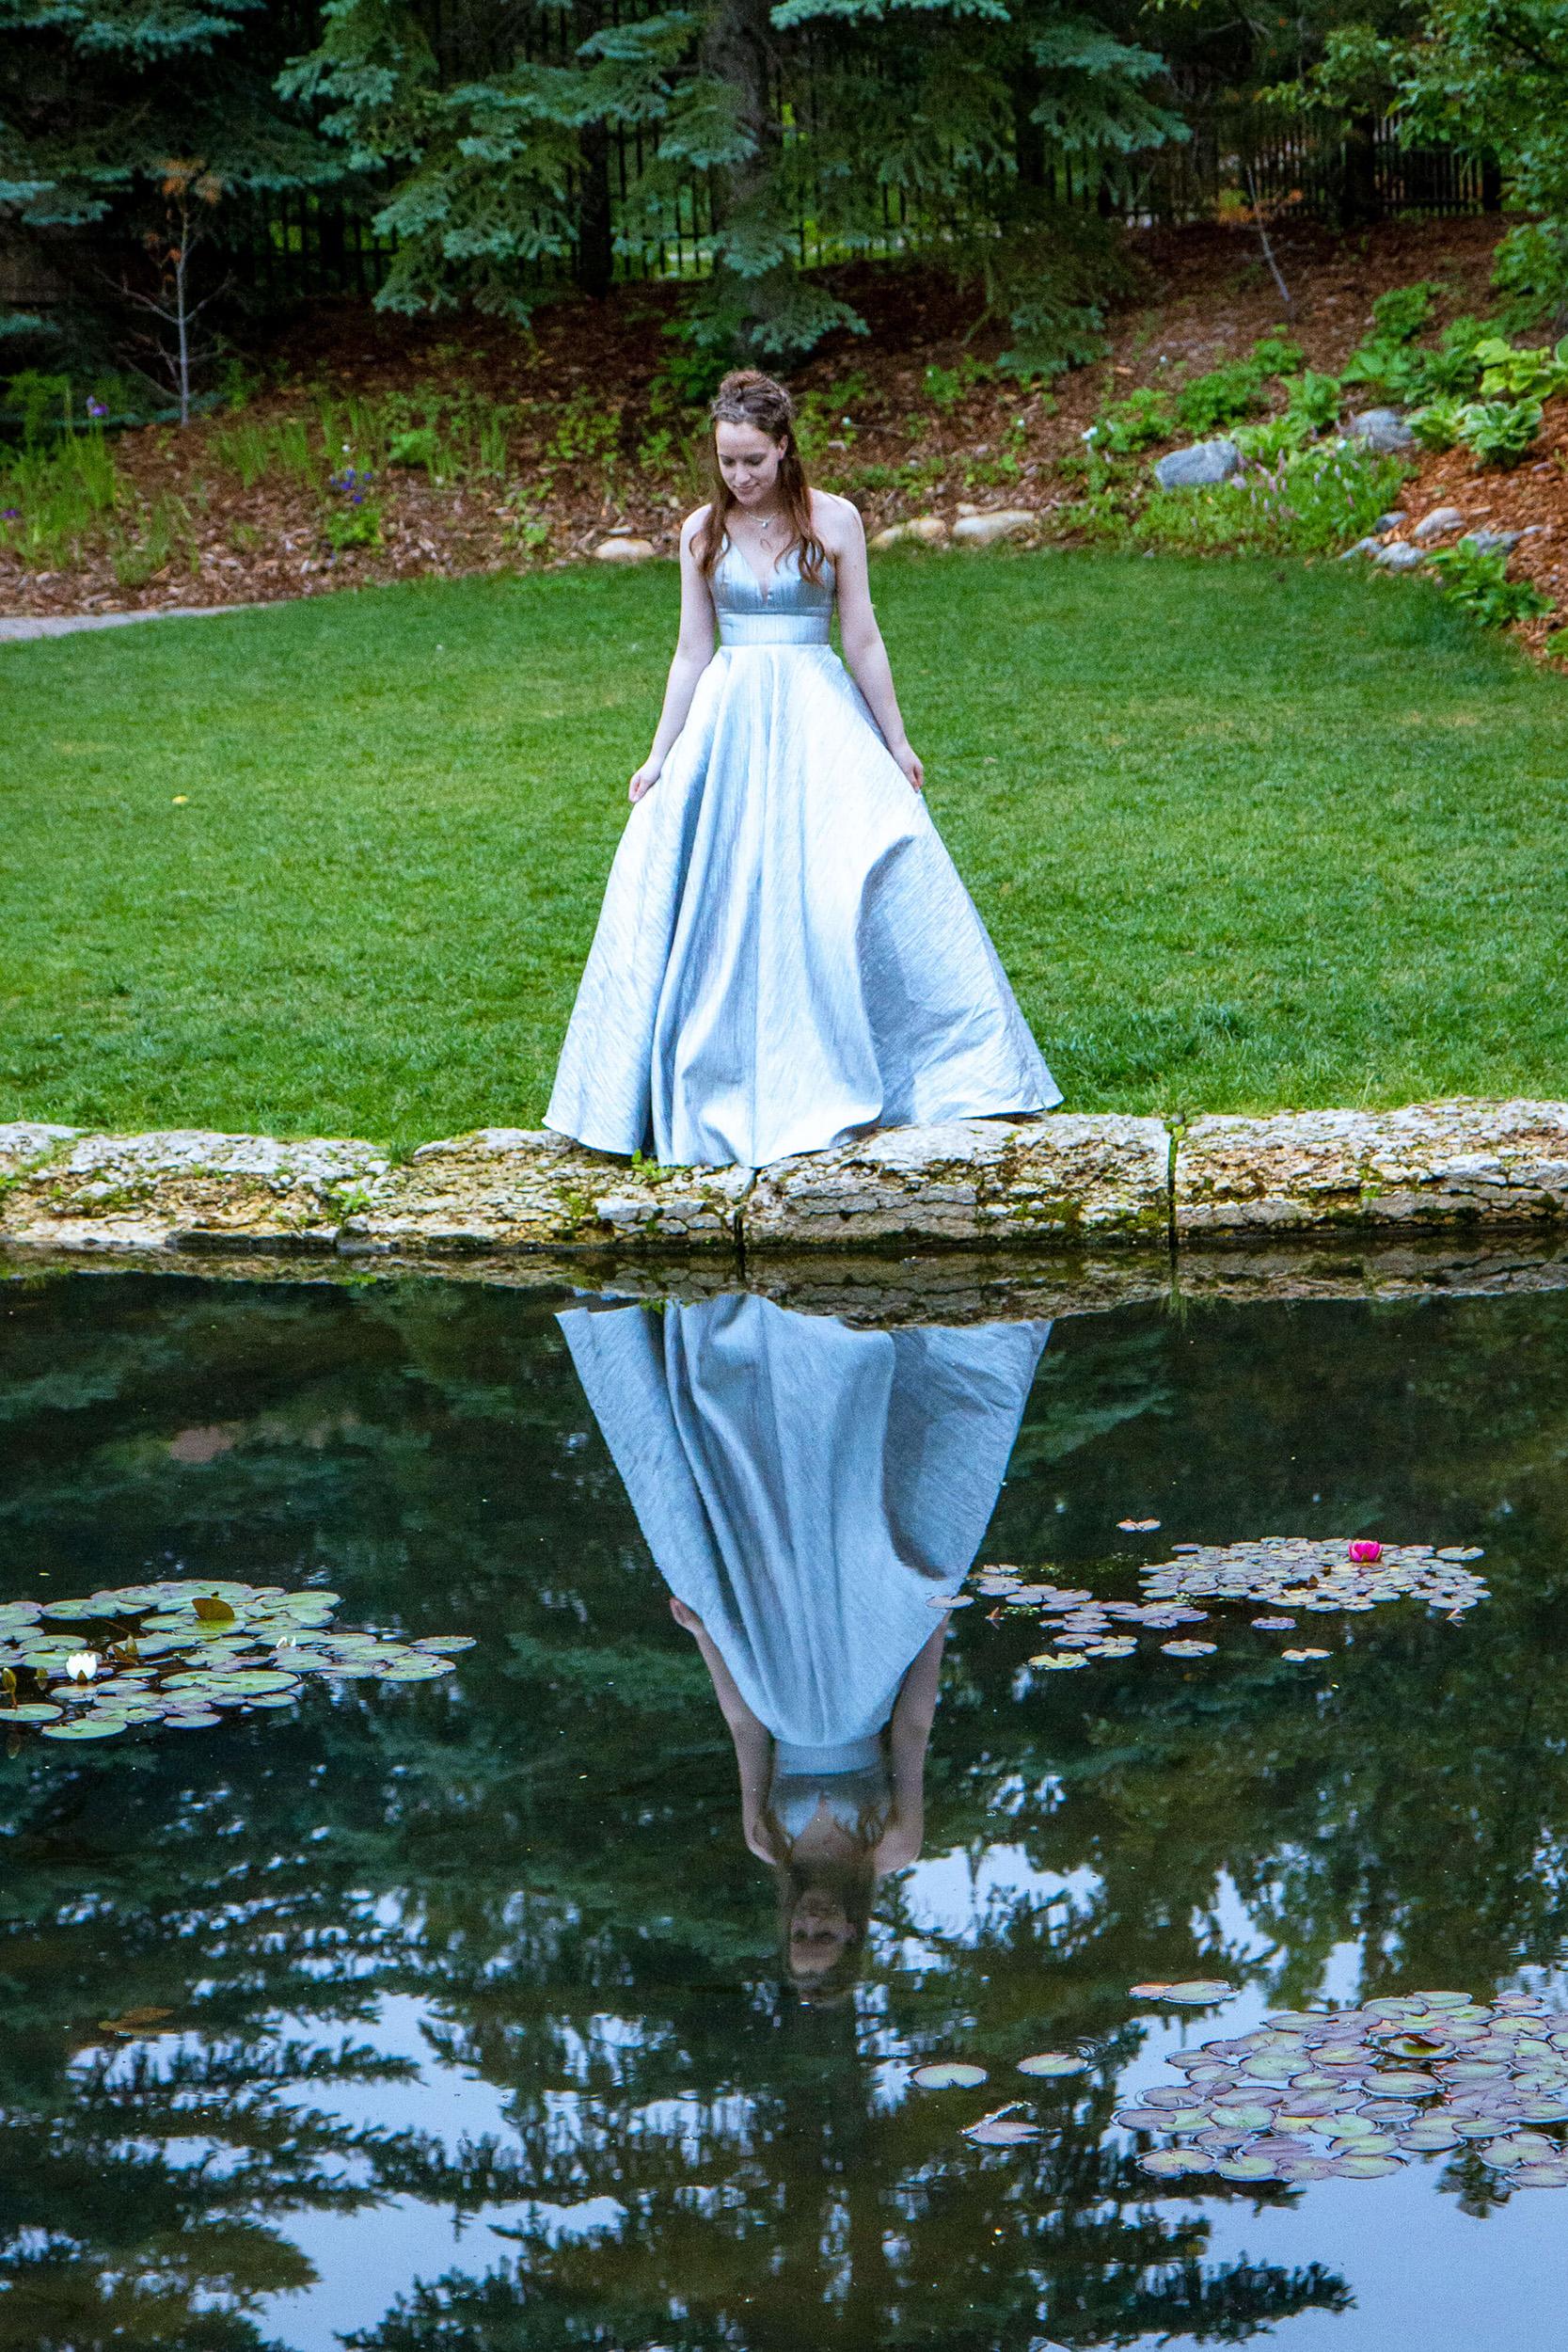 SSaskatoon Formal Grad Prom female photo full skirt silver dress Boffins Gardens